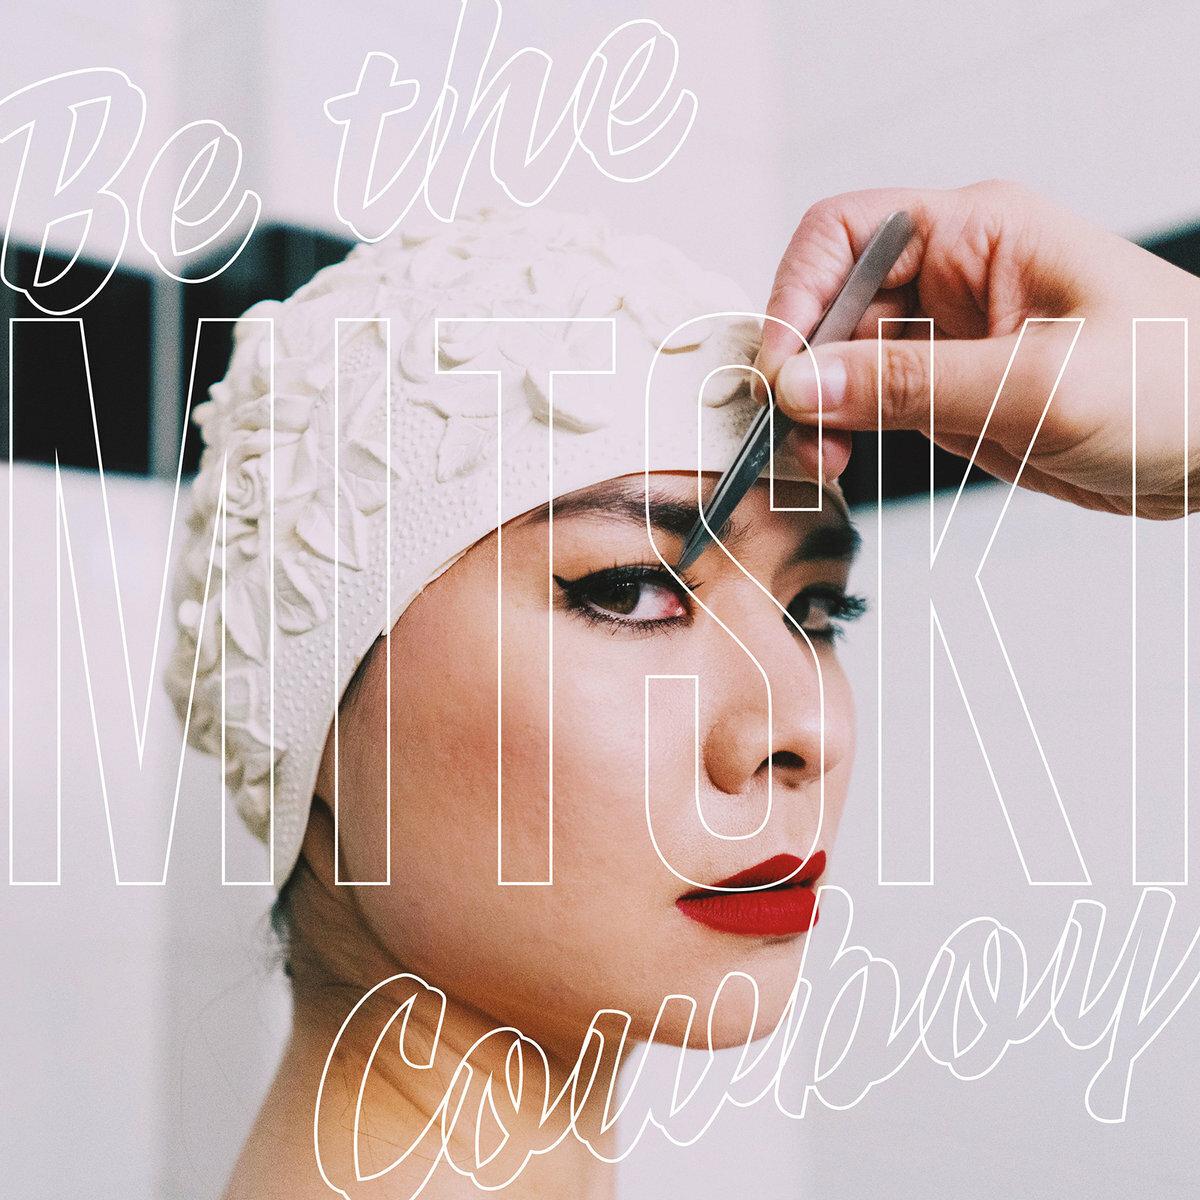 Mitski / Be The Cowboy(Ltd Wine Red Vinyl)